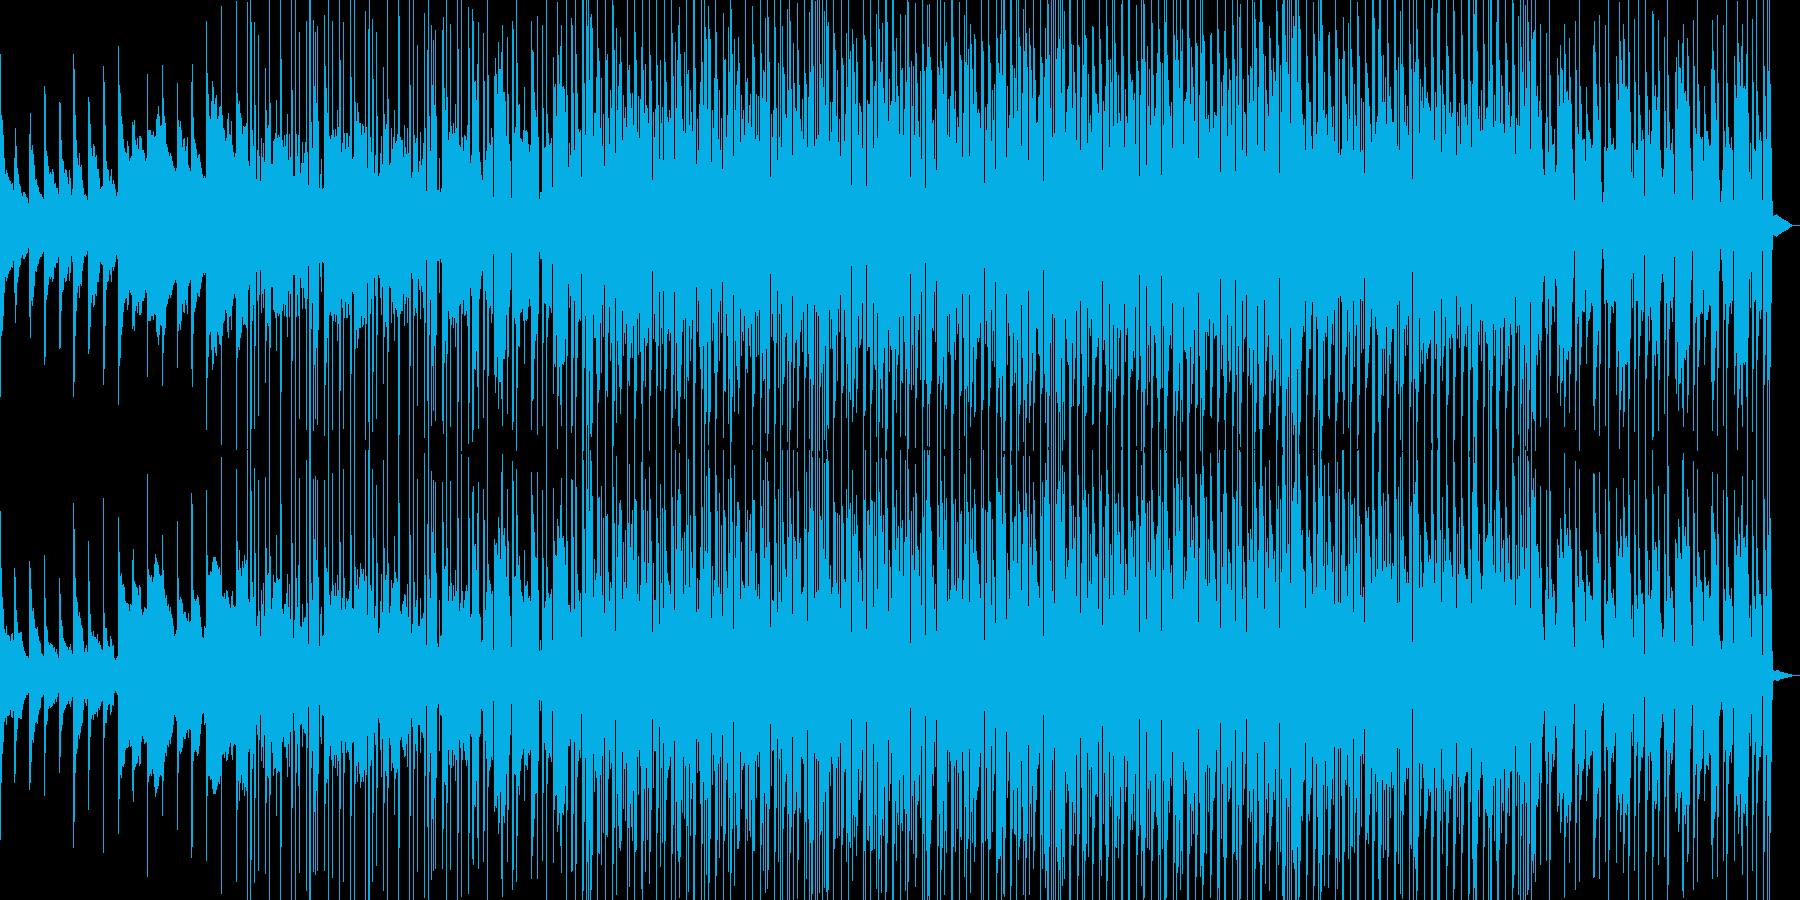 5thコードのピアノが印象的なBGMの再生済みの波形